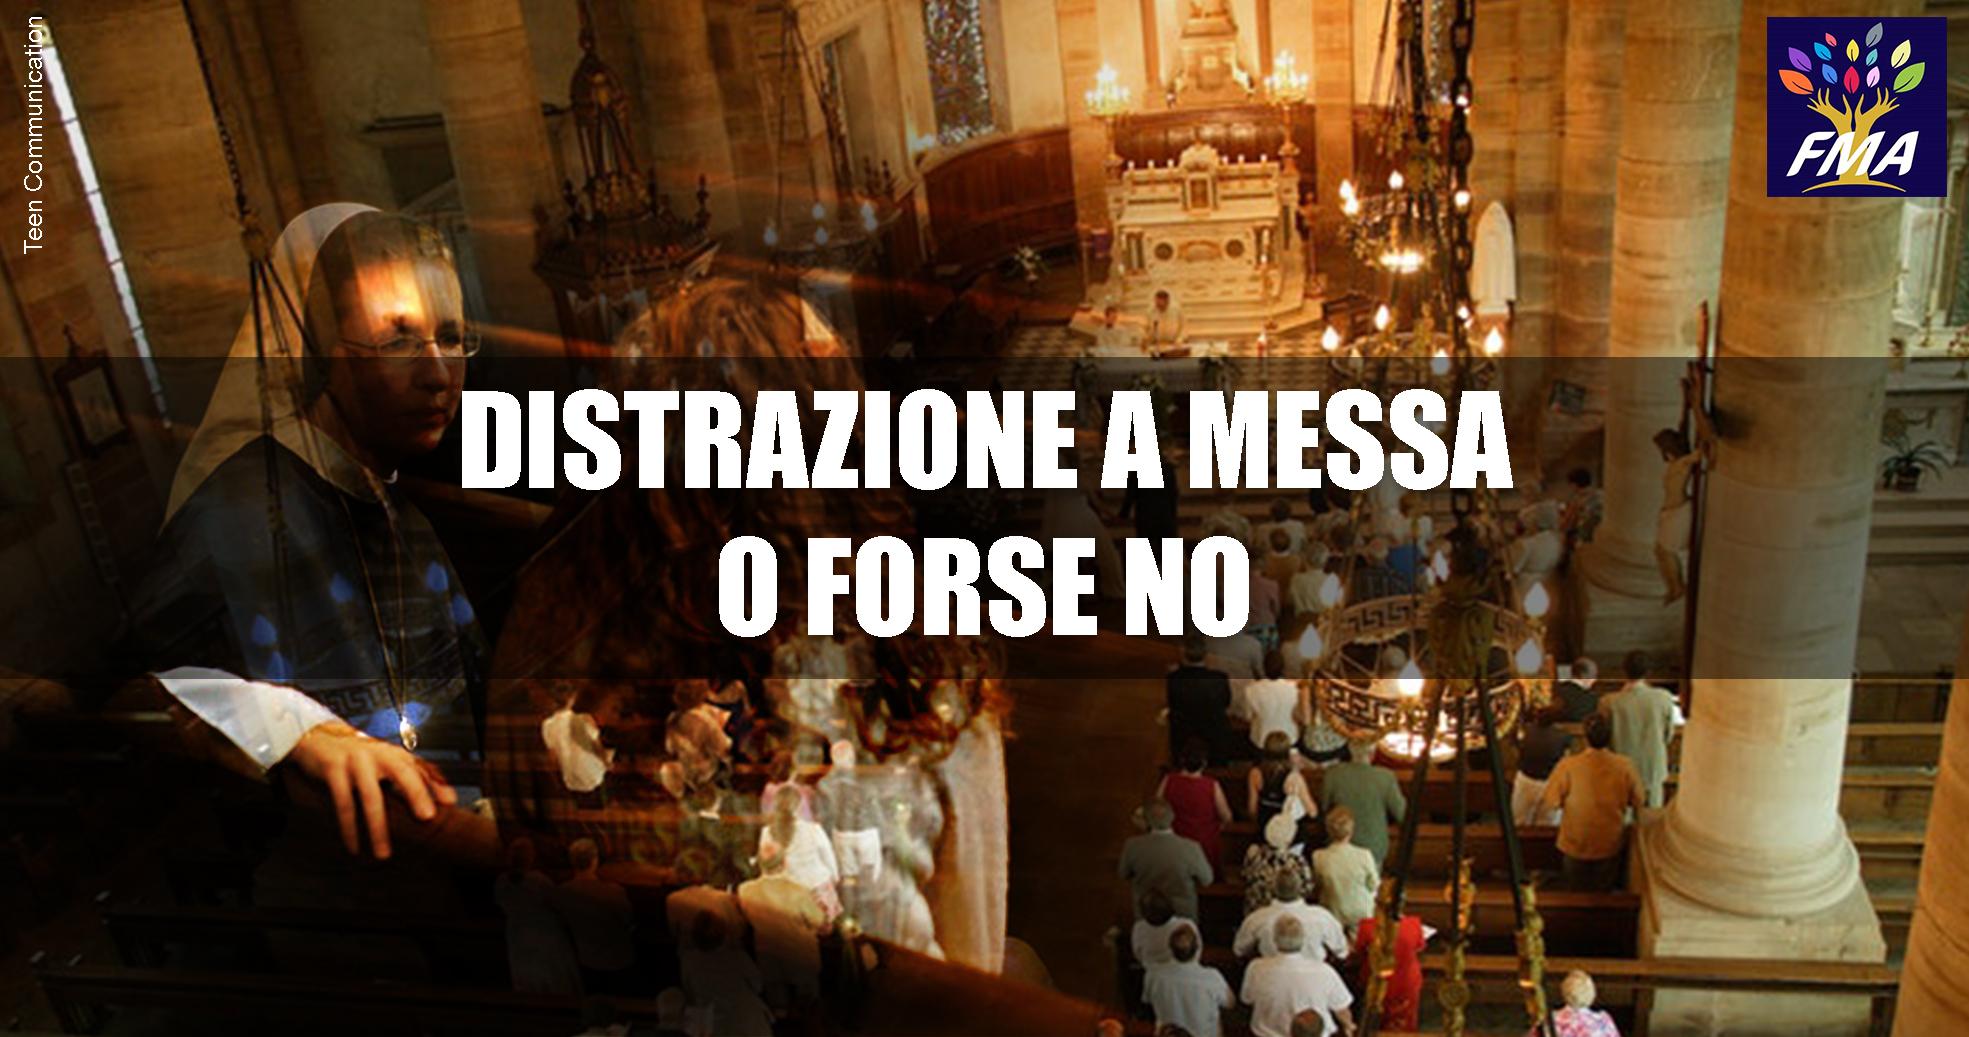 Distrazione a Messa o forse no